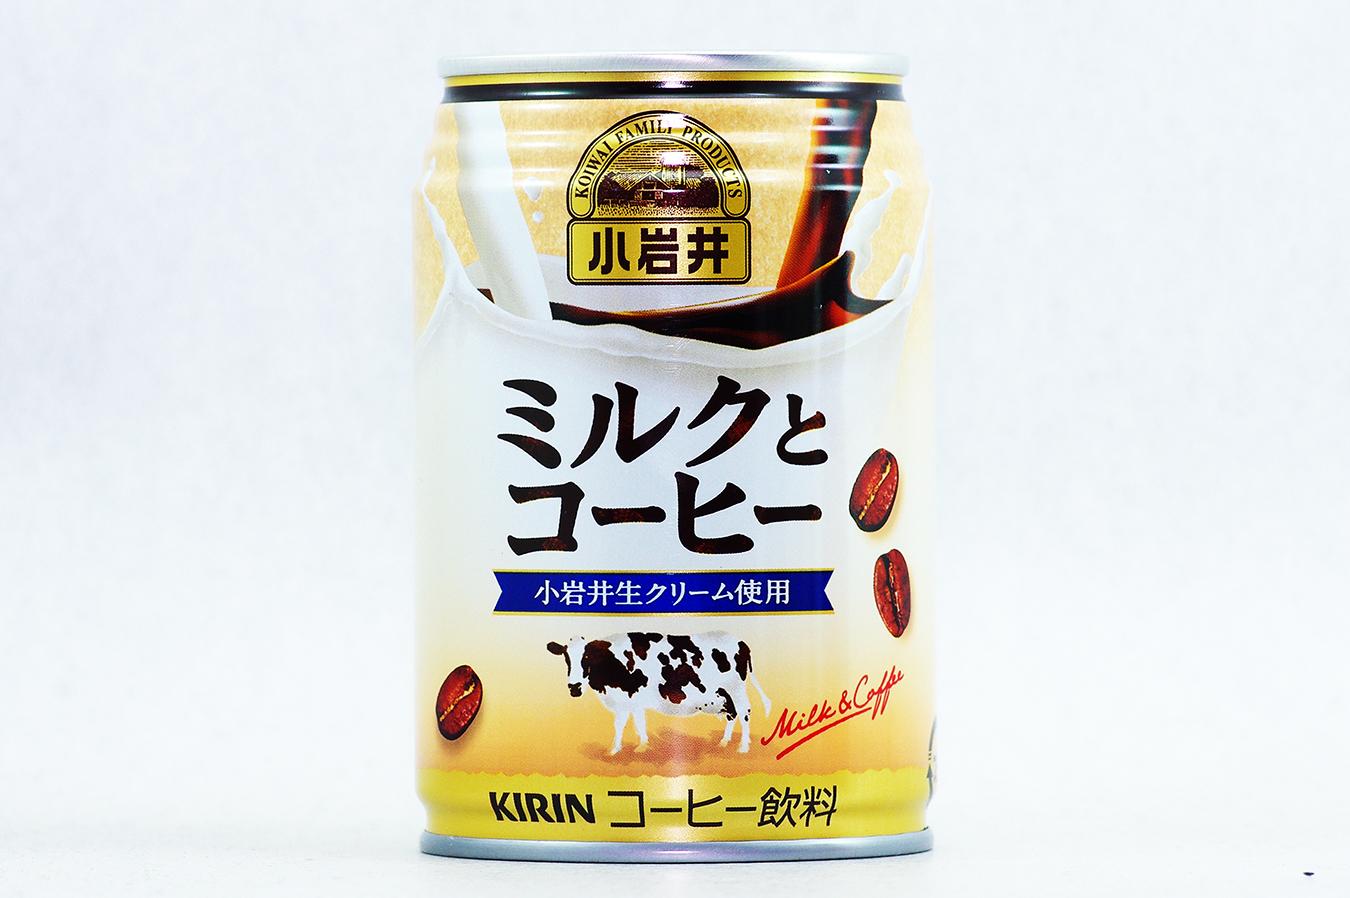 小岩井 ミルクとコーヒー 2017年11月